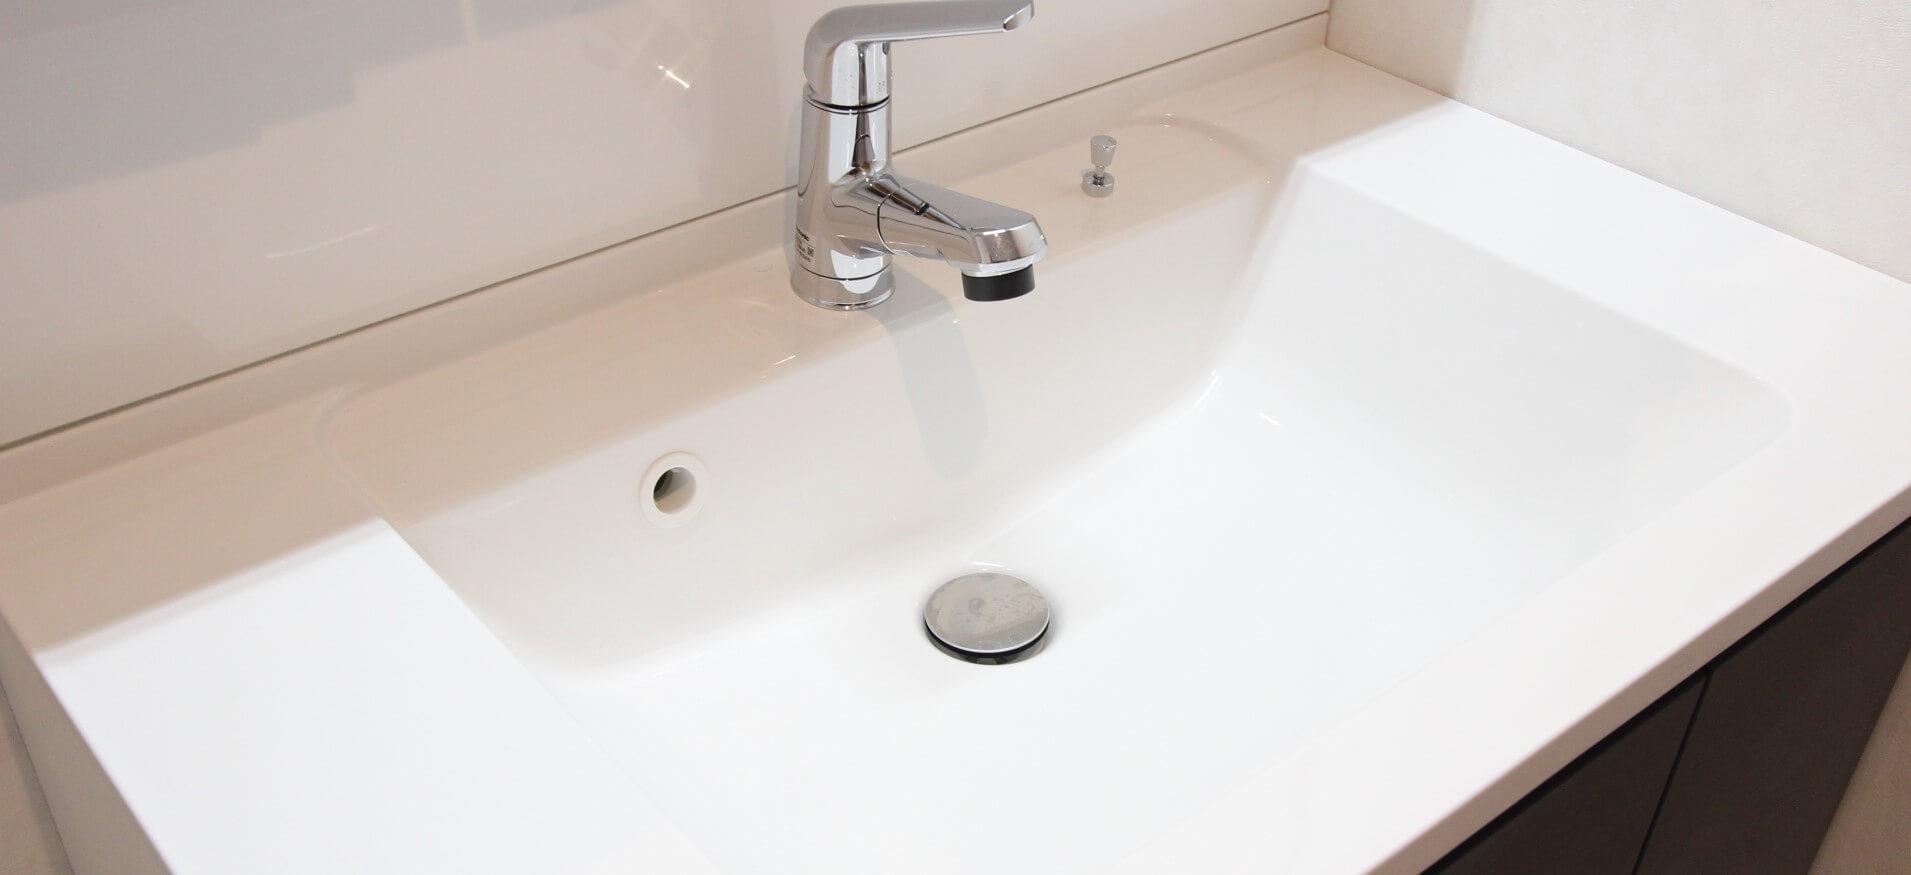 洗面所の水漏れ、つまりなど水まわりのトラブルはザットマンにお任せください